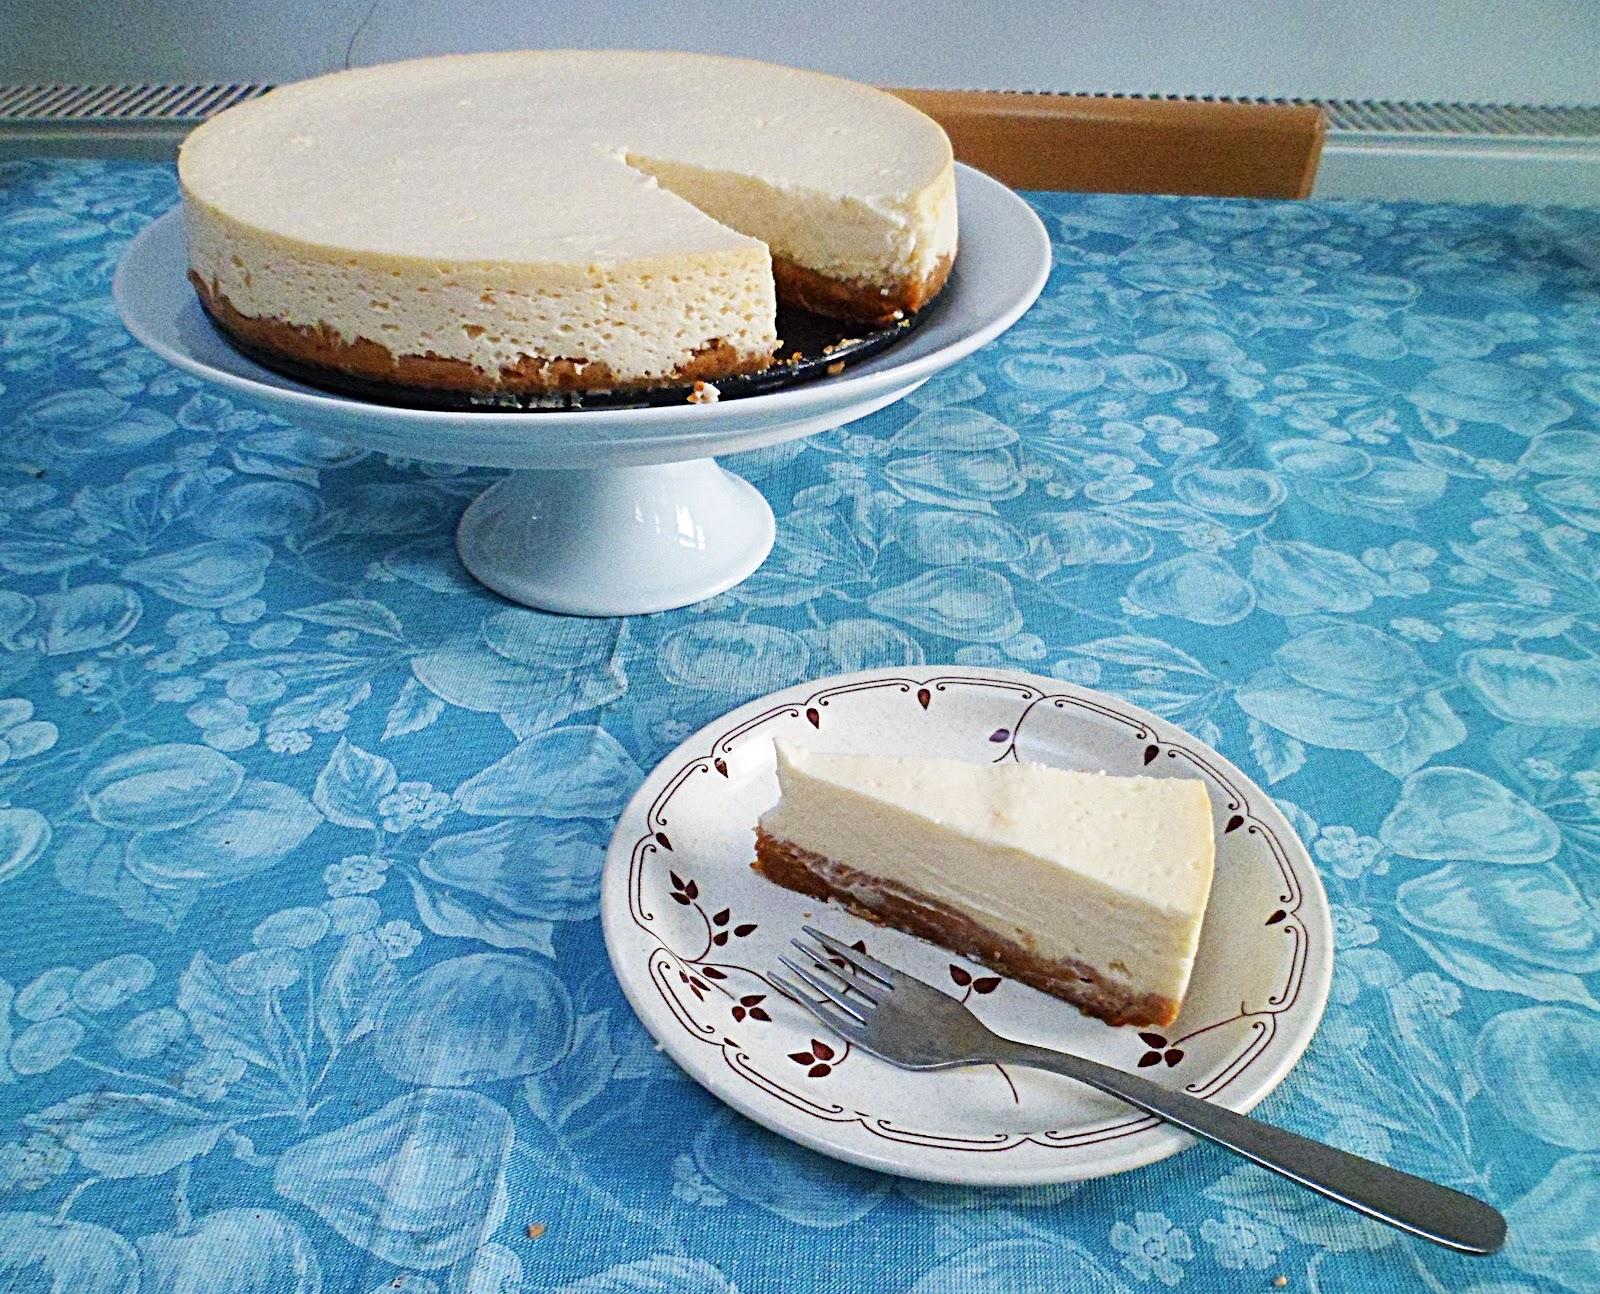 Polish Cake Recipe Digestive Biscuits